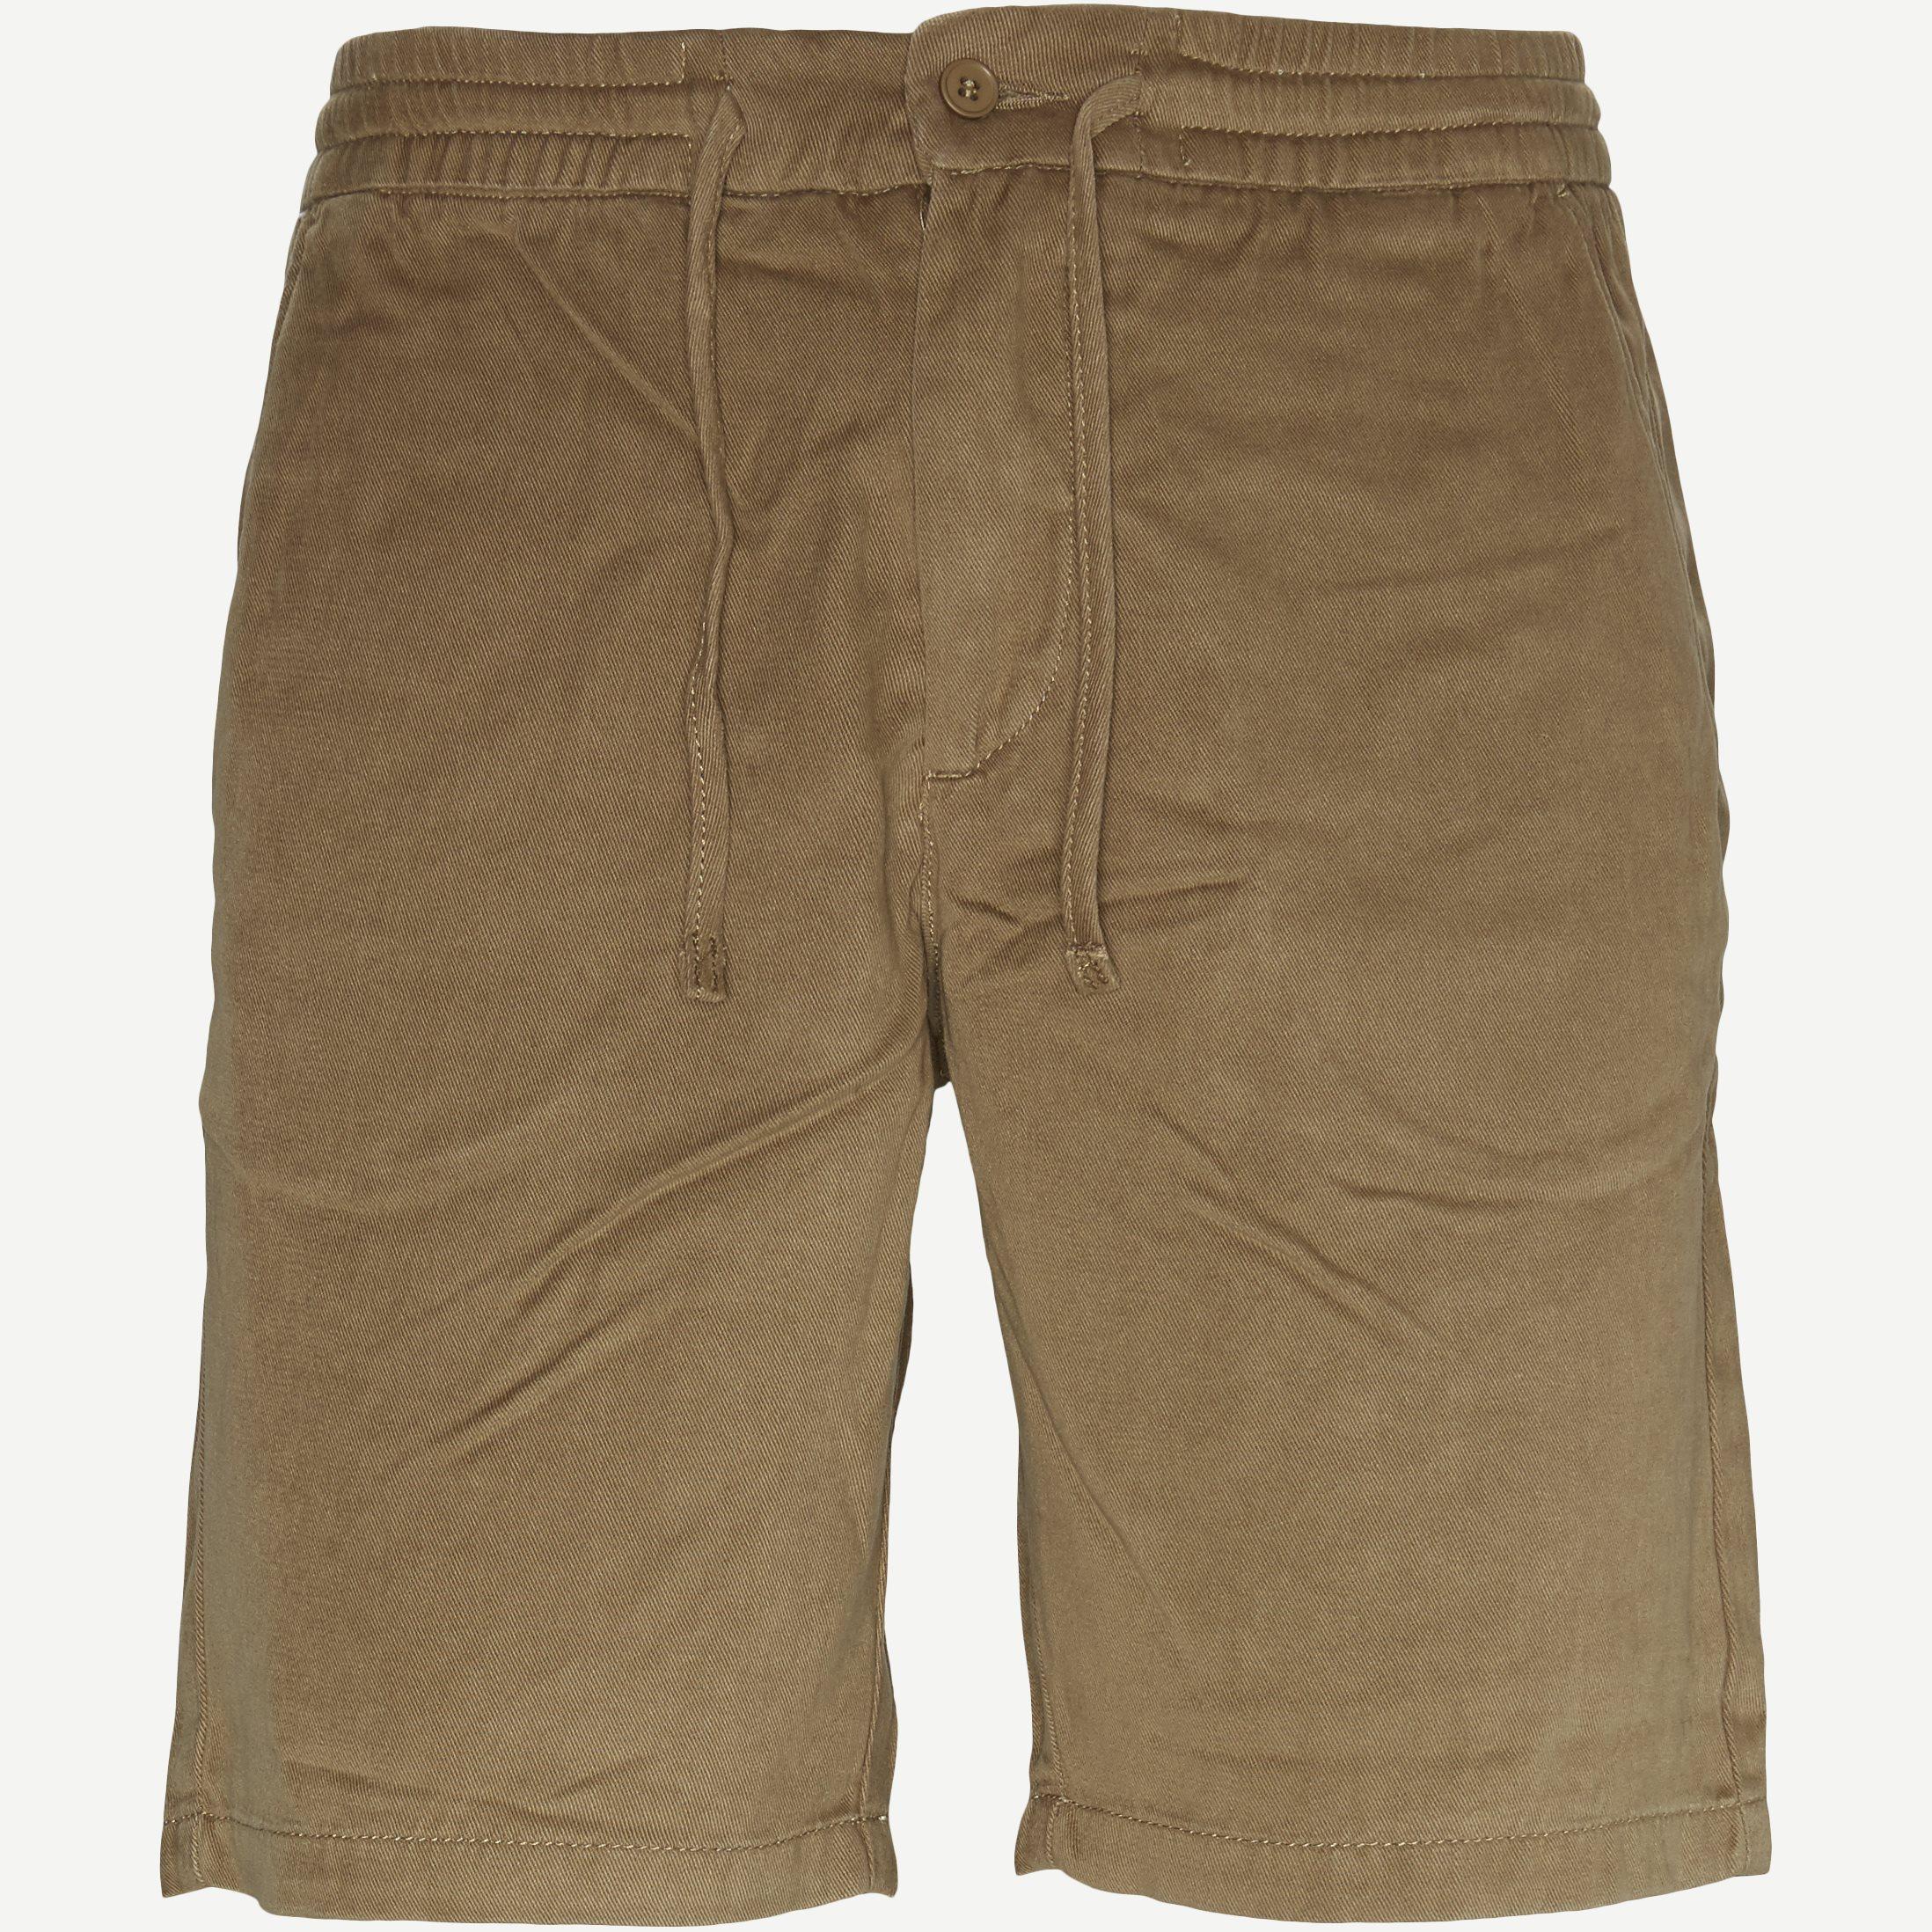 Seb Shorts - Shorts - Regular fit - Sand